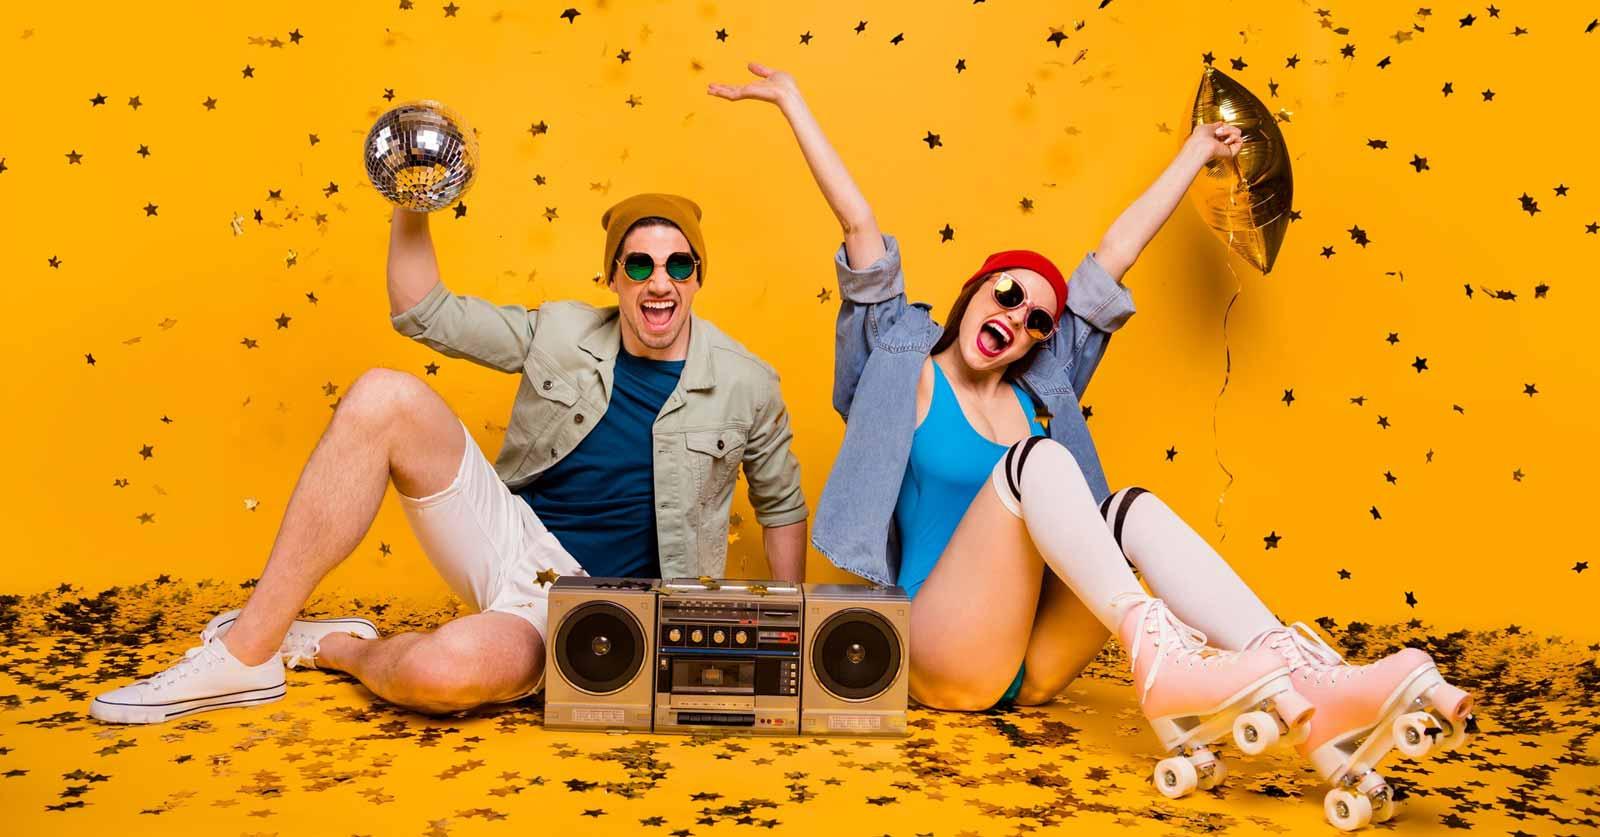 Festa anni 80: come organizzarla e come vestirsi